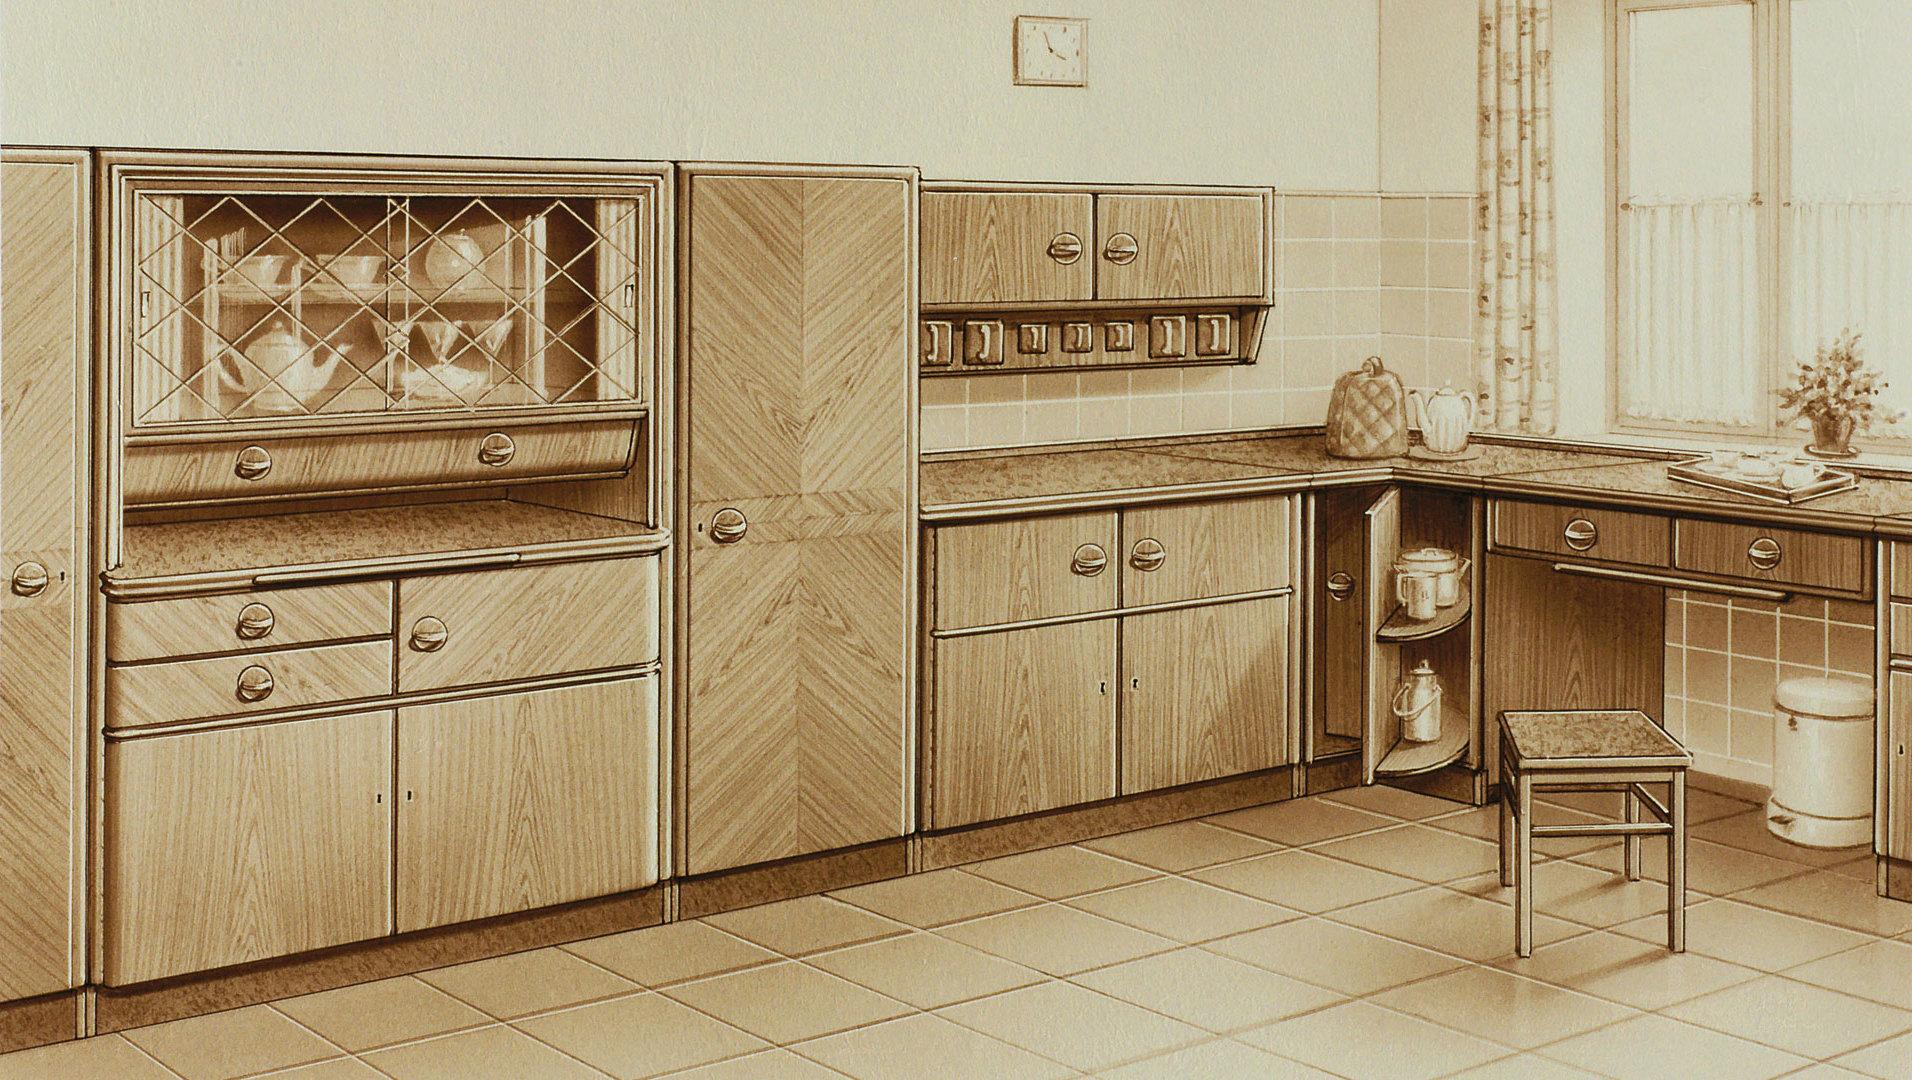 cuisine de marque une exp rience part siematic. Black Bedroom Furniture Sets. Home Design Ideas